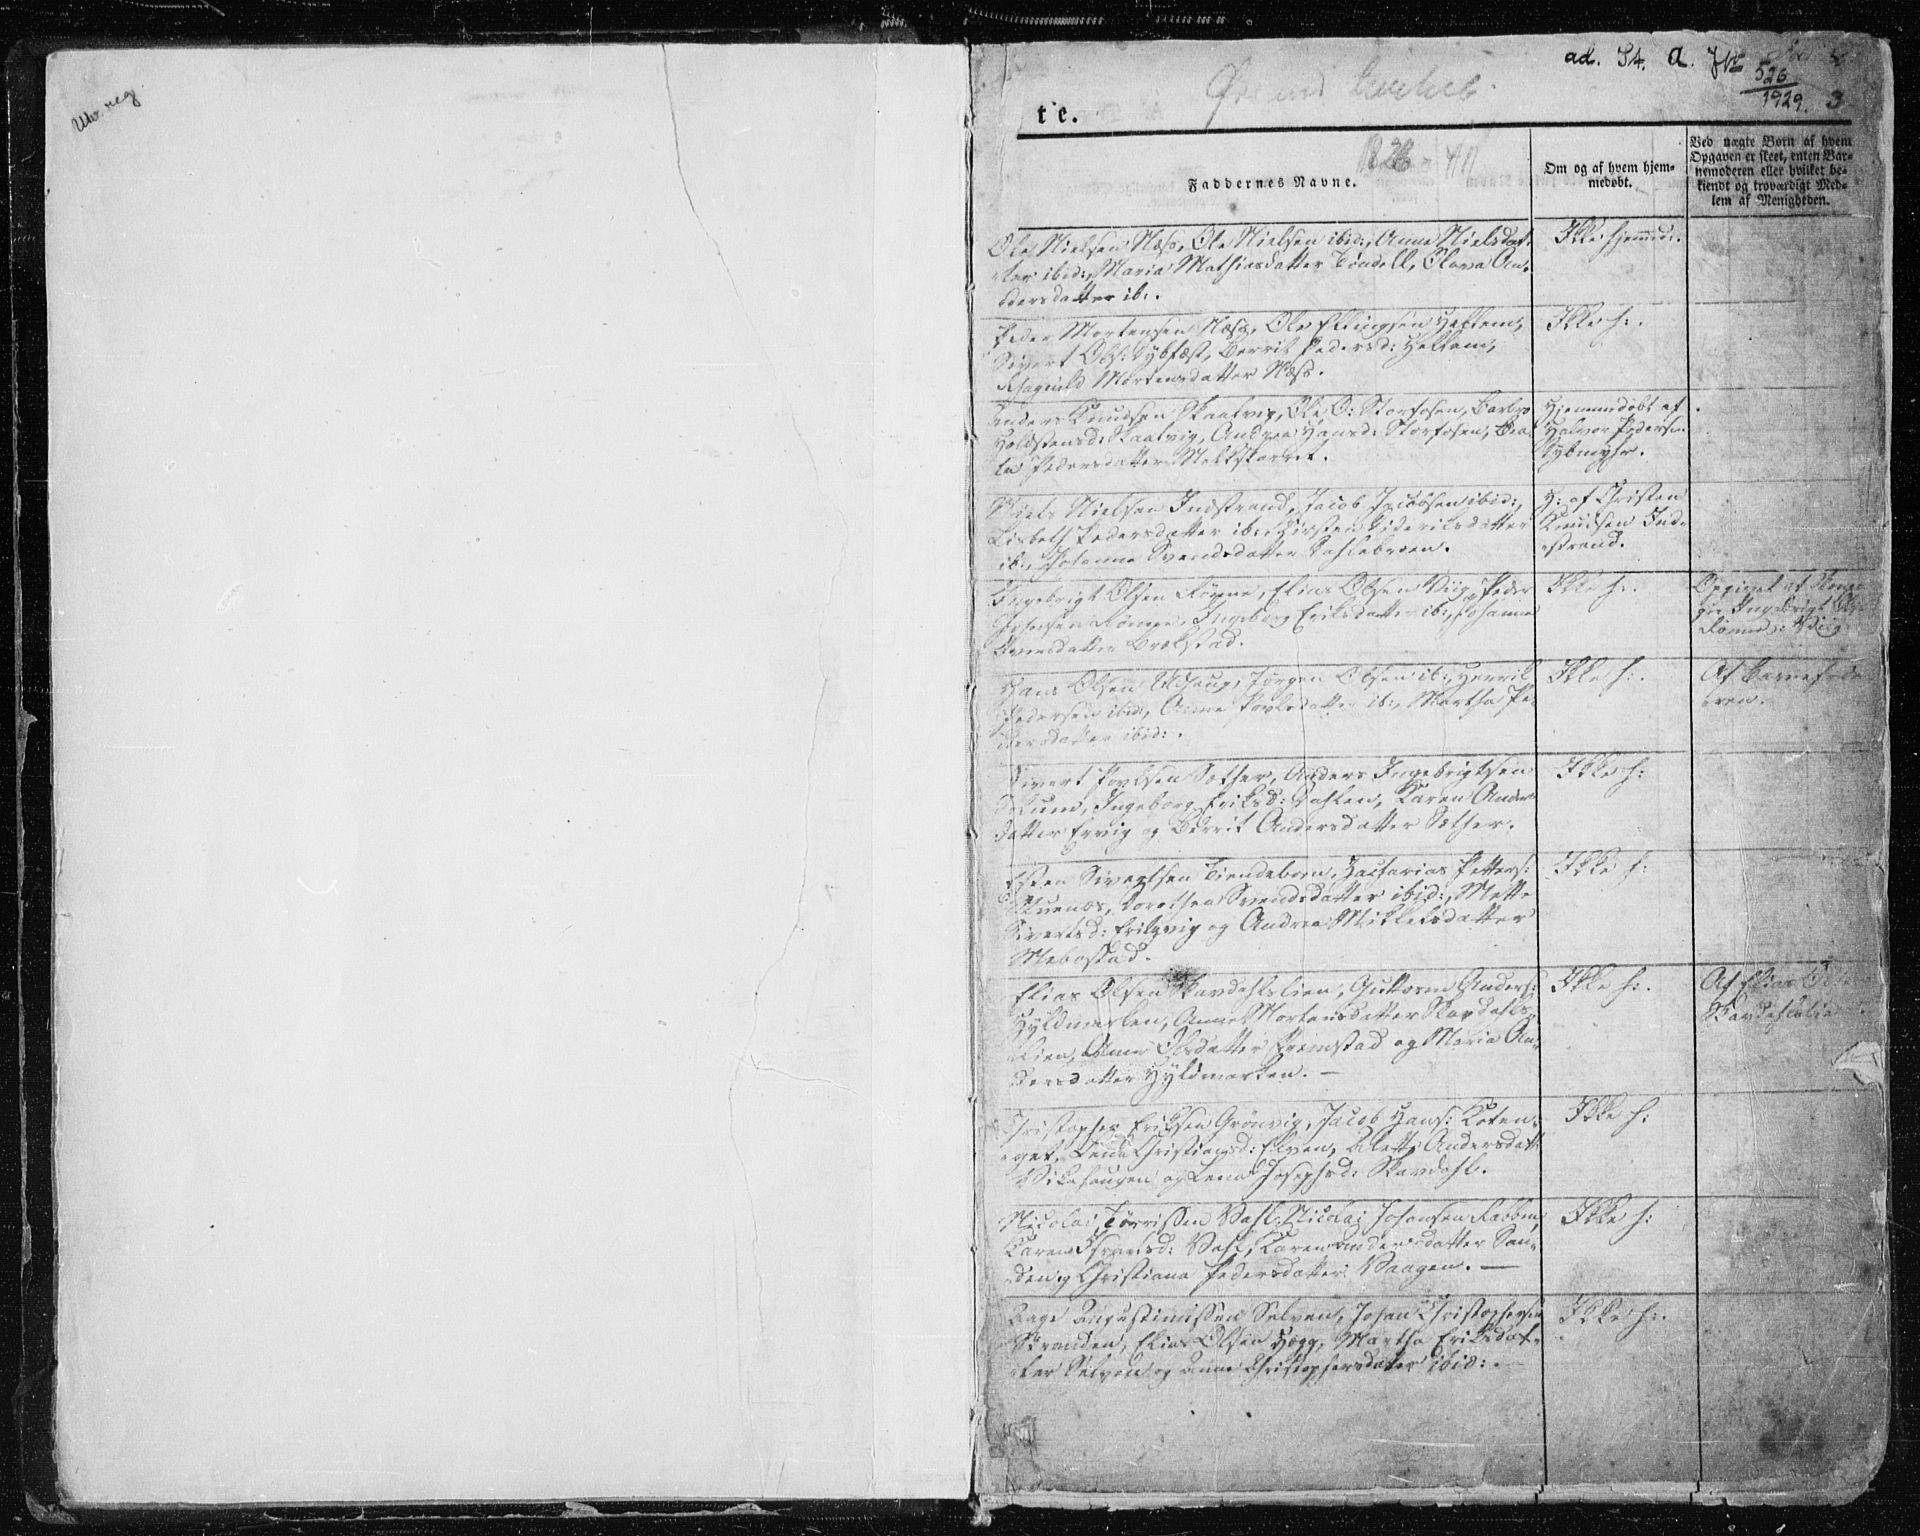 SAT, Ministerialprotokoller, klokkerbøker og fødselsregistre - Sør-Trøndelag, 659/L0735: Ministerialbok nr. 659A05, 1826-1841, s. 3